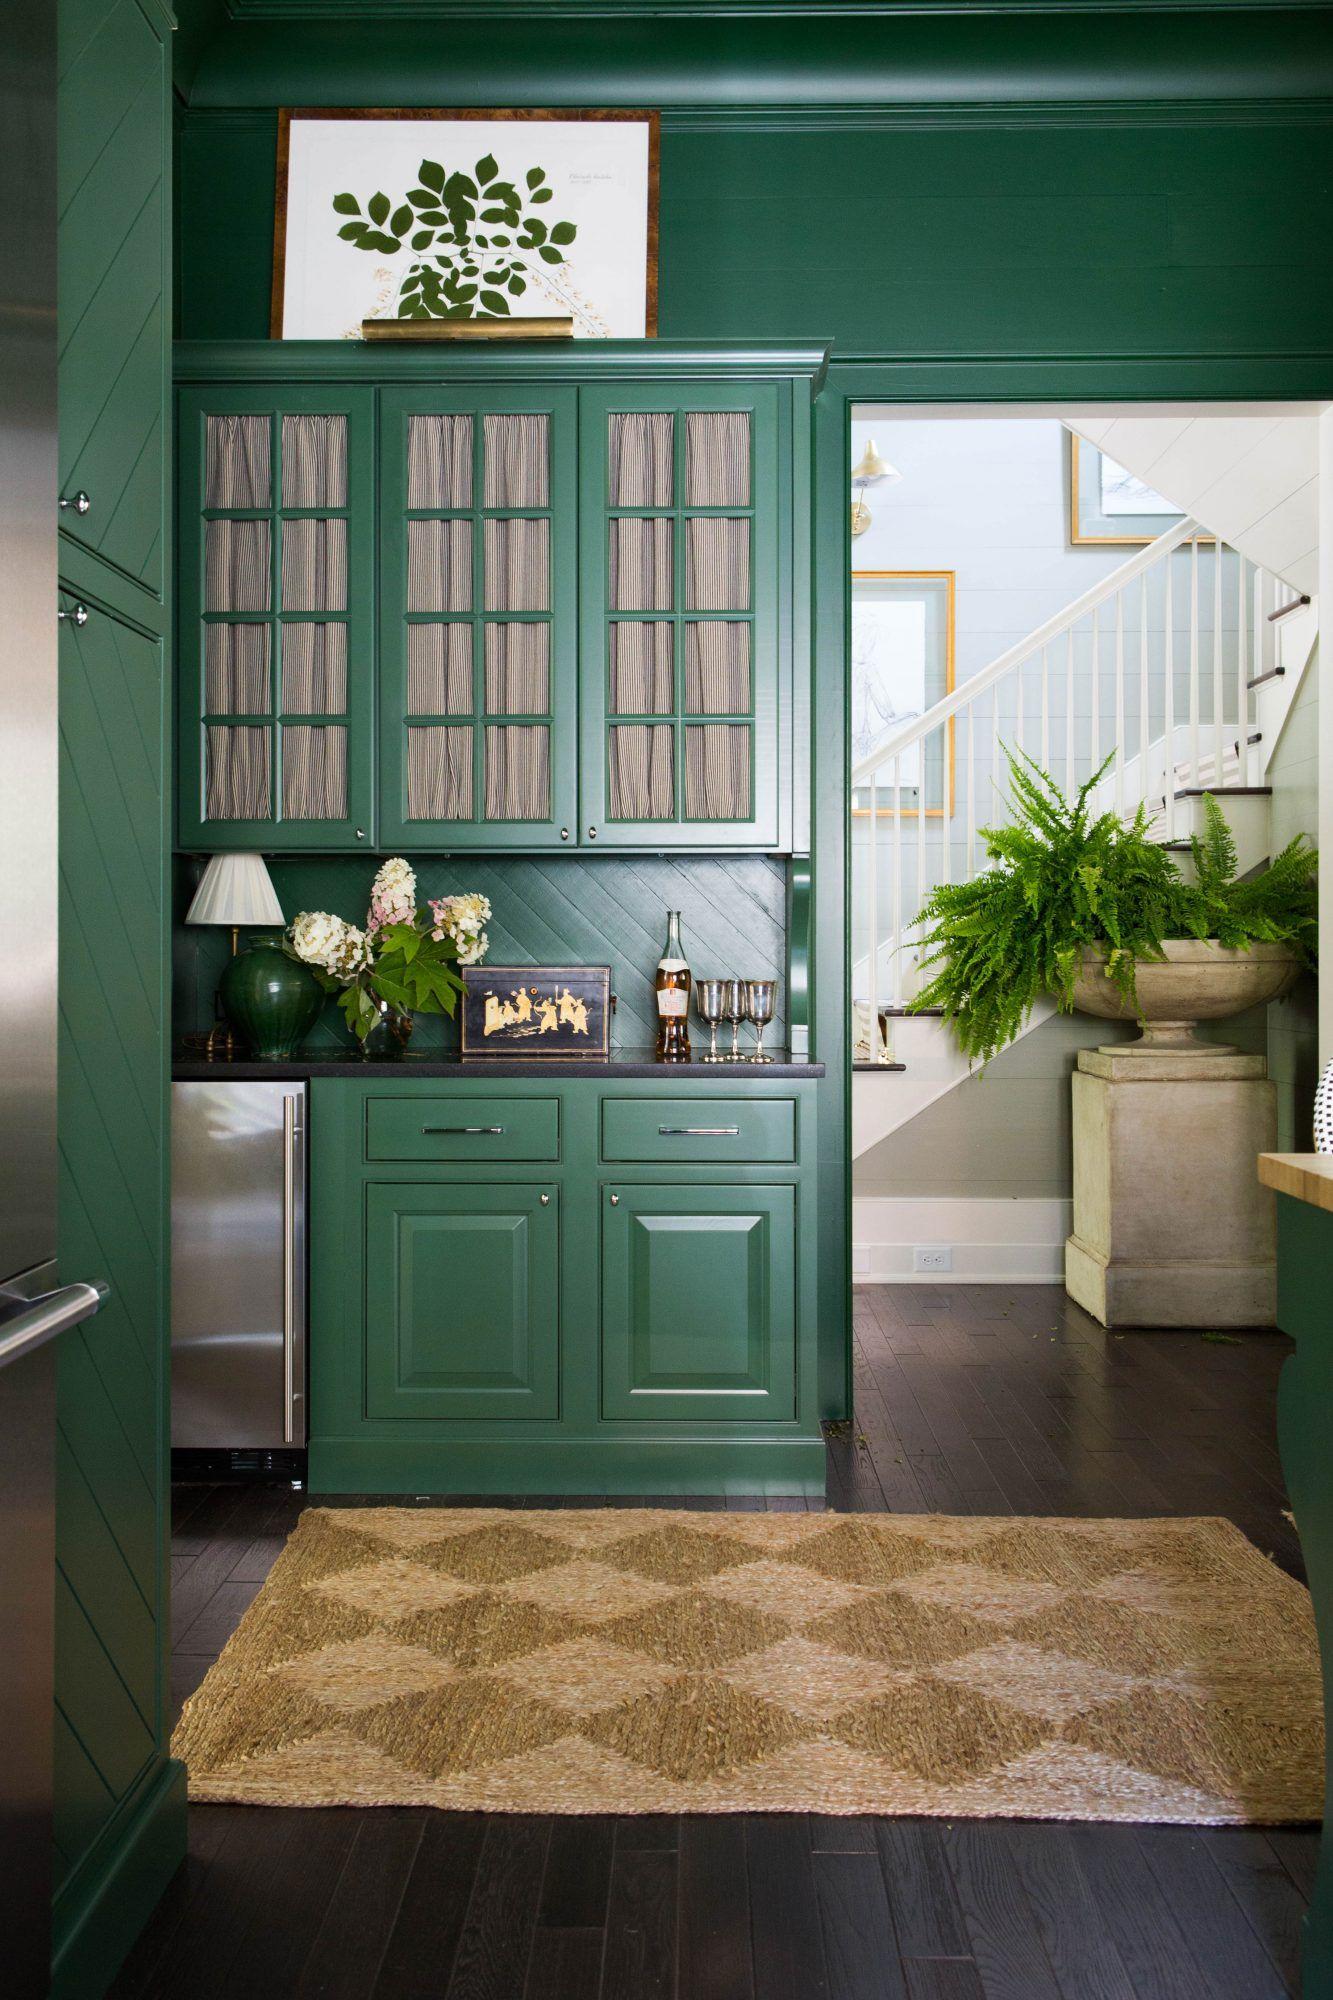 Idea House Kitchen By Bill Ingram In 2020 Green Kitchen Cabinets Kitchen Wall Cabinets Green Kitchen Walls